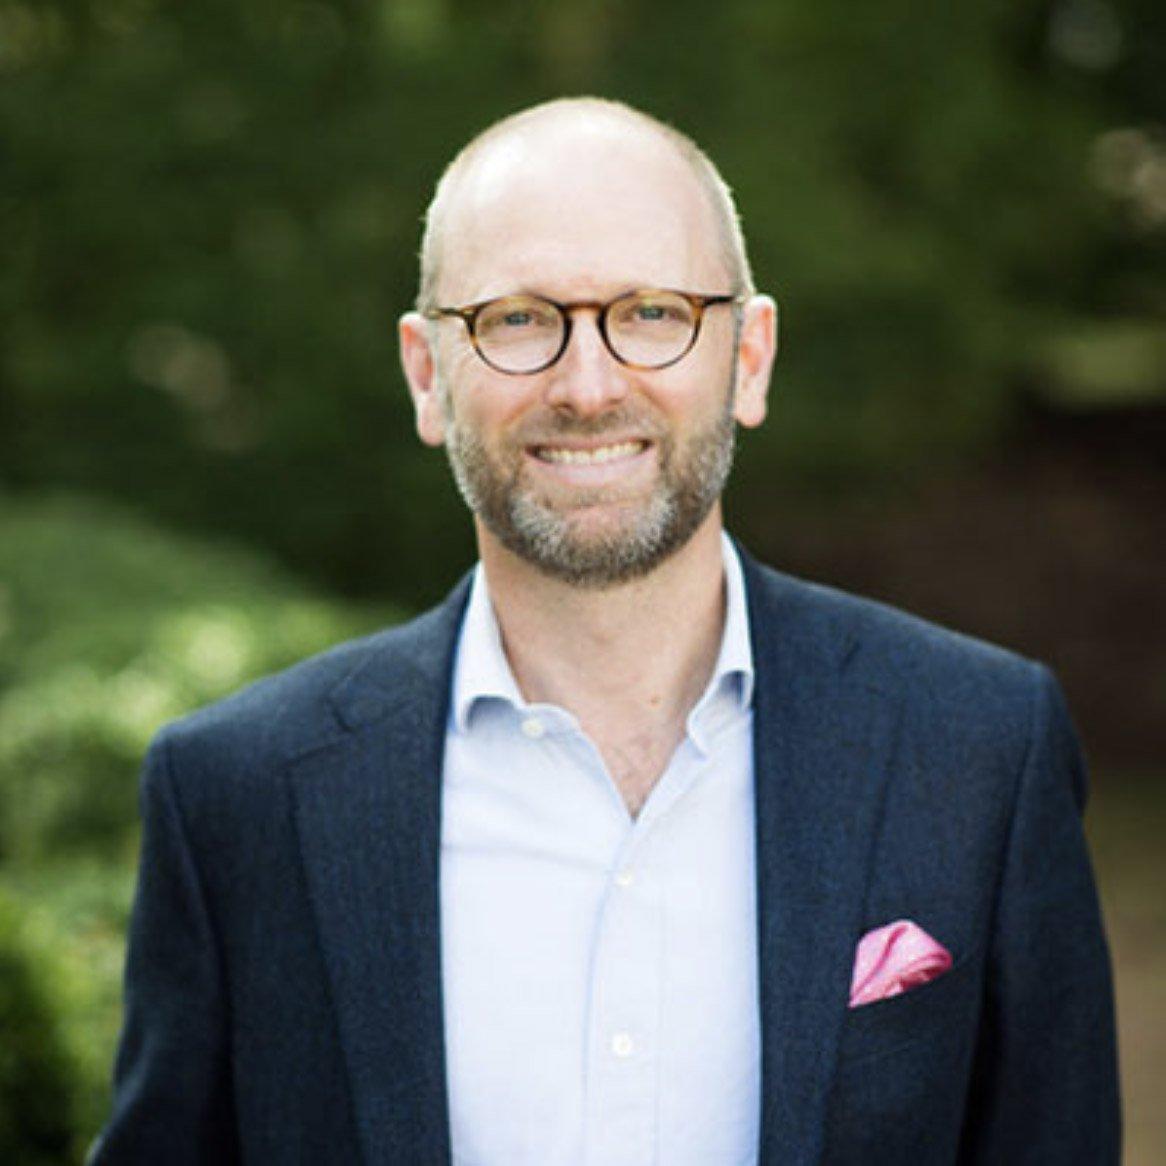 J. Corey Feist, JD, MBA